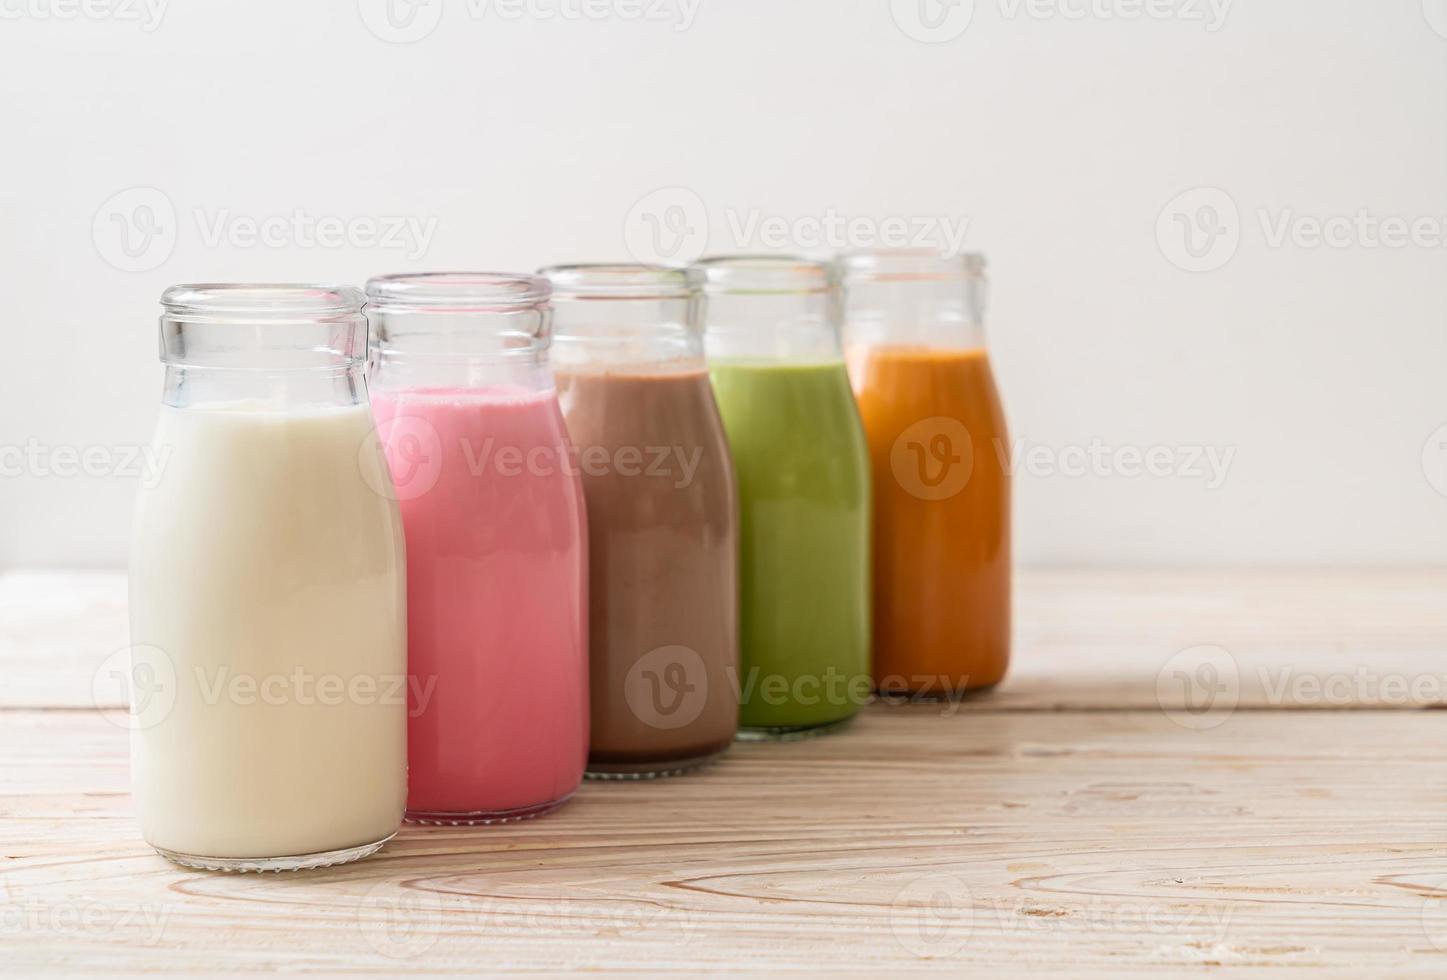 chá com leite tailandês, matcha chá verde com leite, café, leite com chocolate, leite rosa e leite fresco em garrafa foto